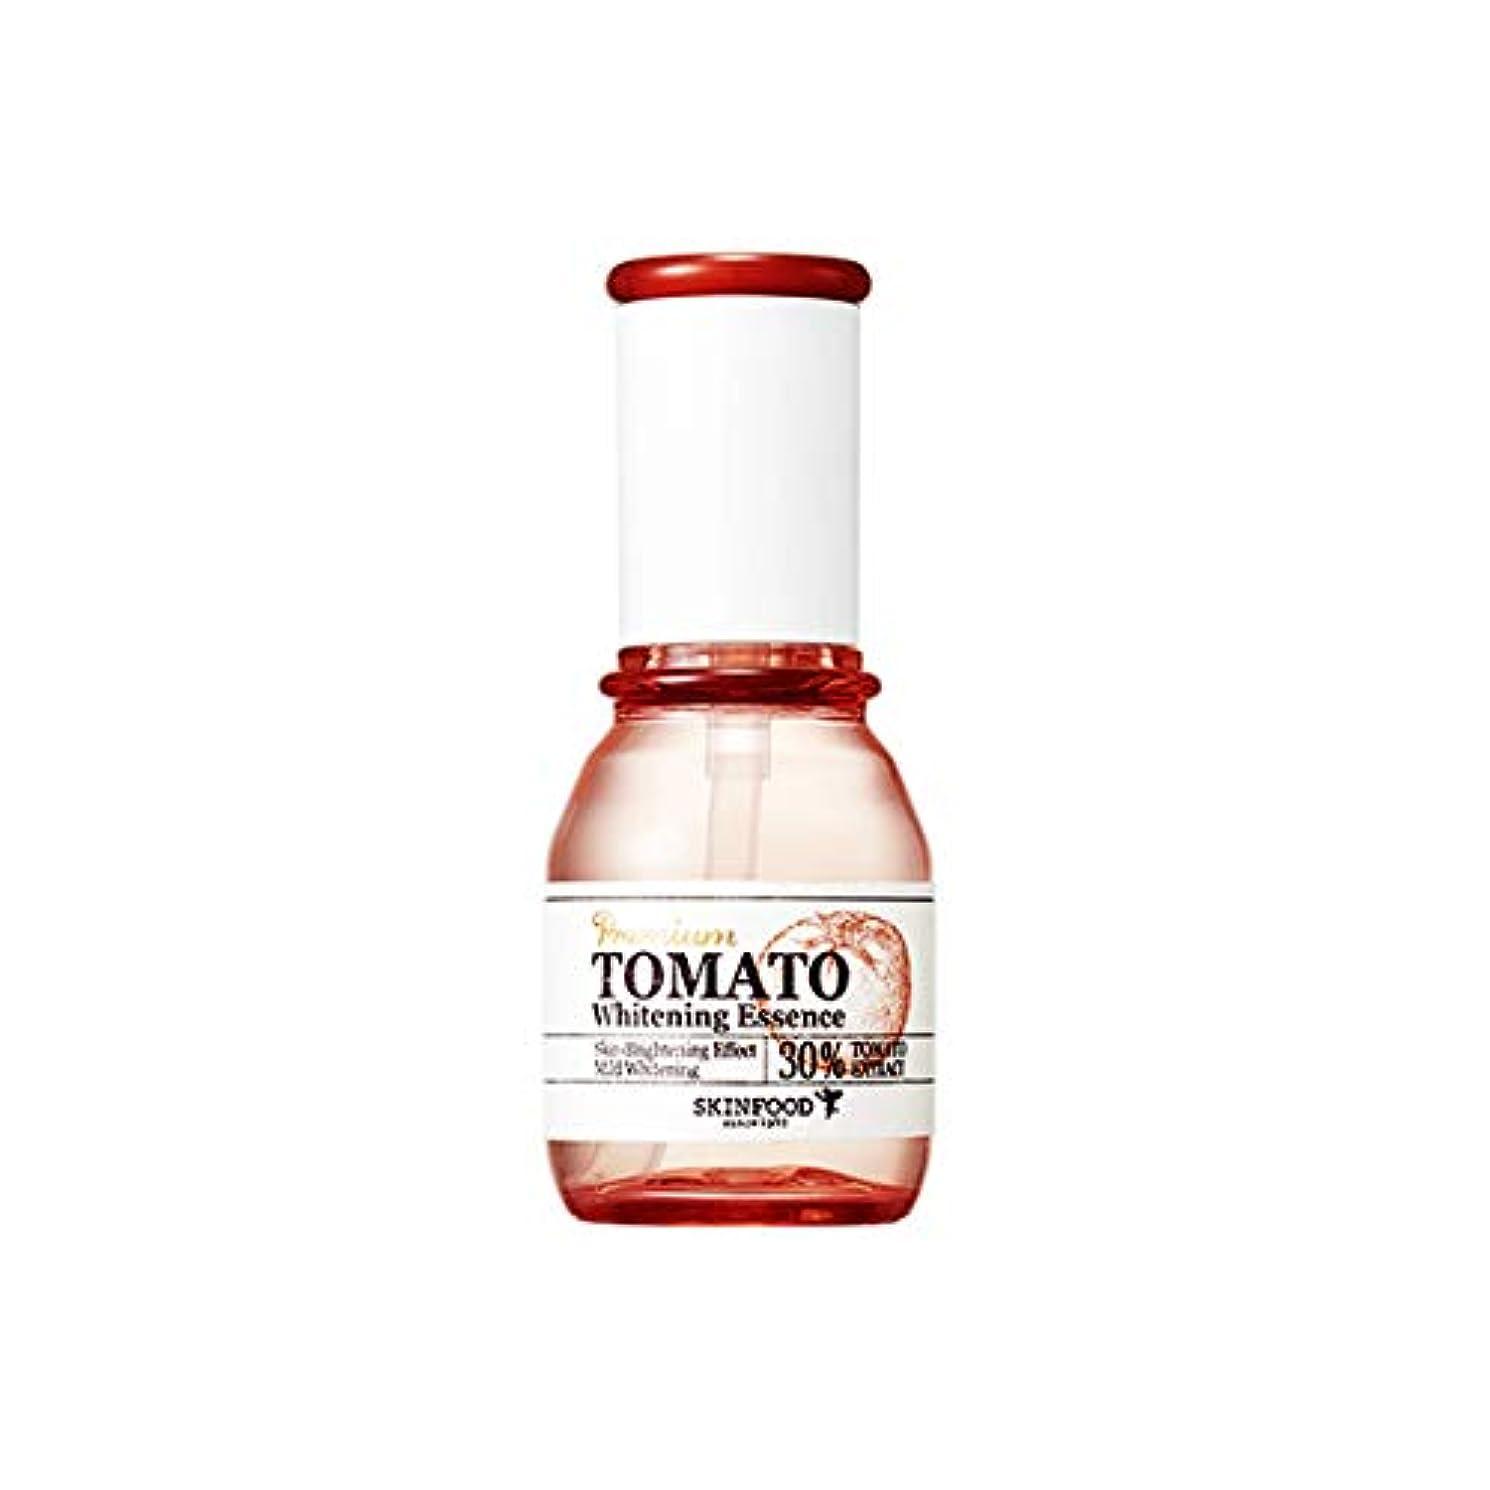 復活節約する意味するSkinfood プレミアムトマトホワイトニングエッセンス(美白効果) / Premium Tomato Whitening Essence (Skin-Brightening Effect)50ml [並行輸入品]